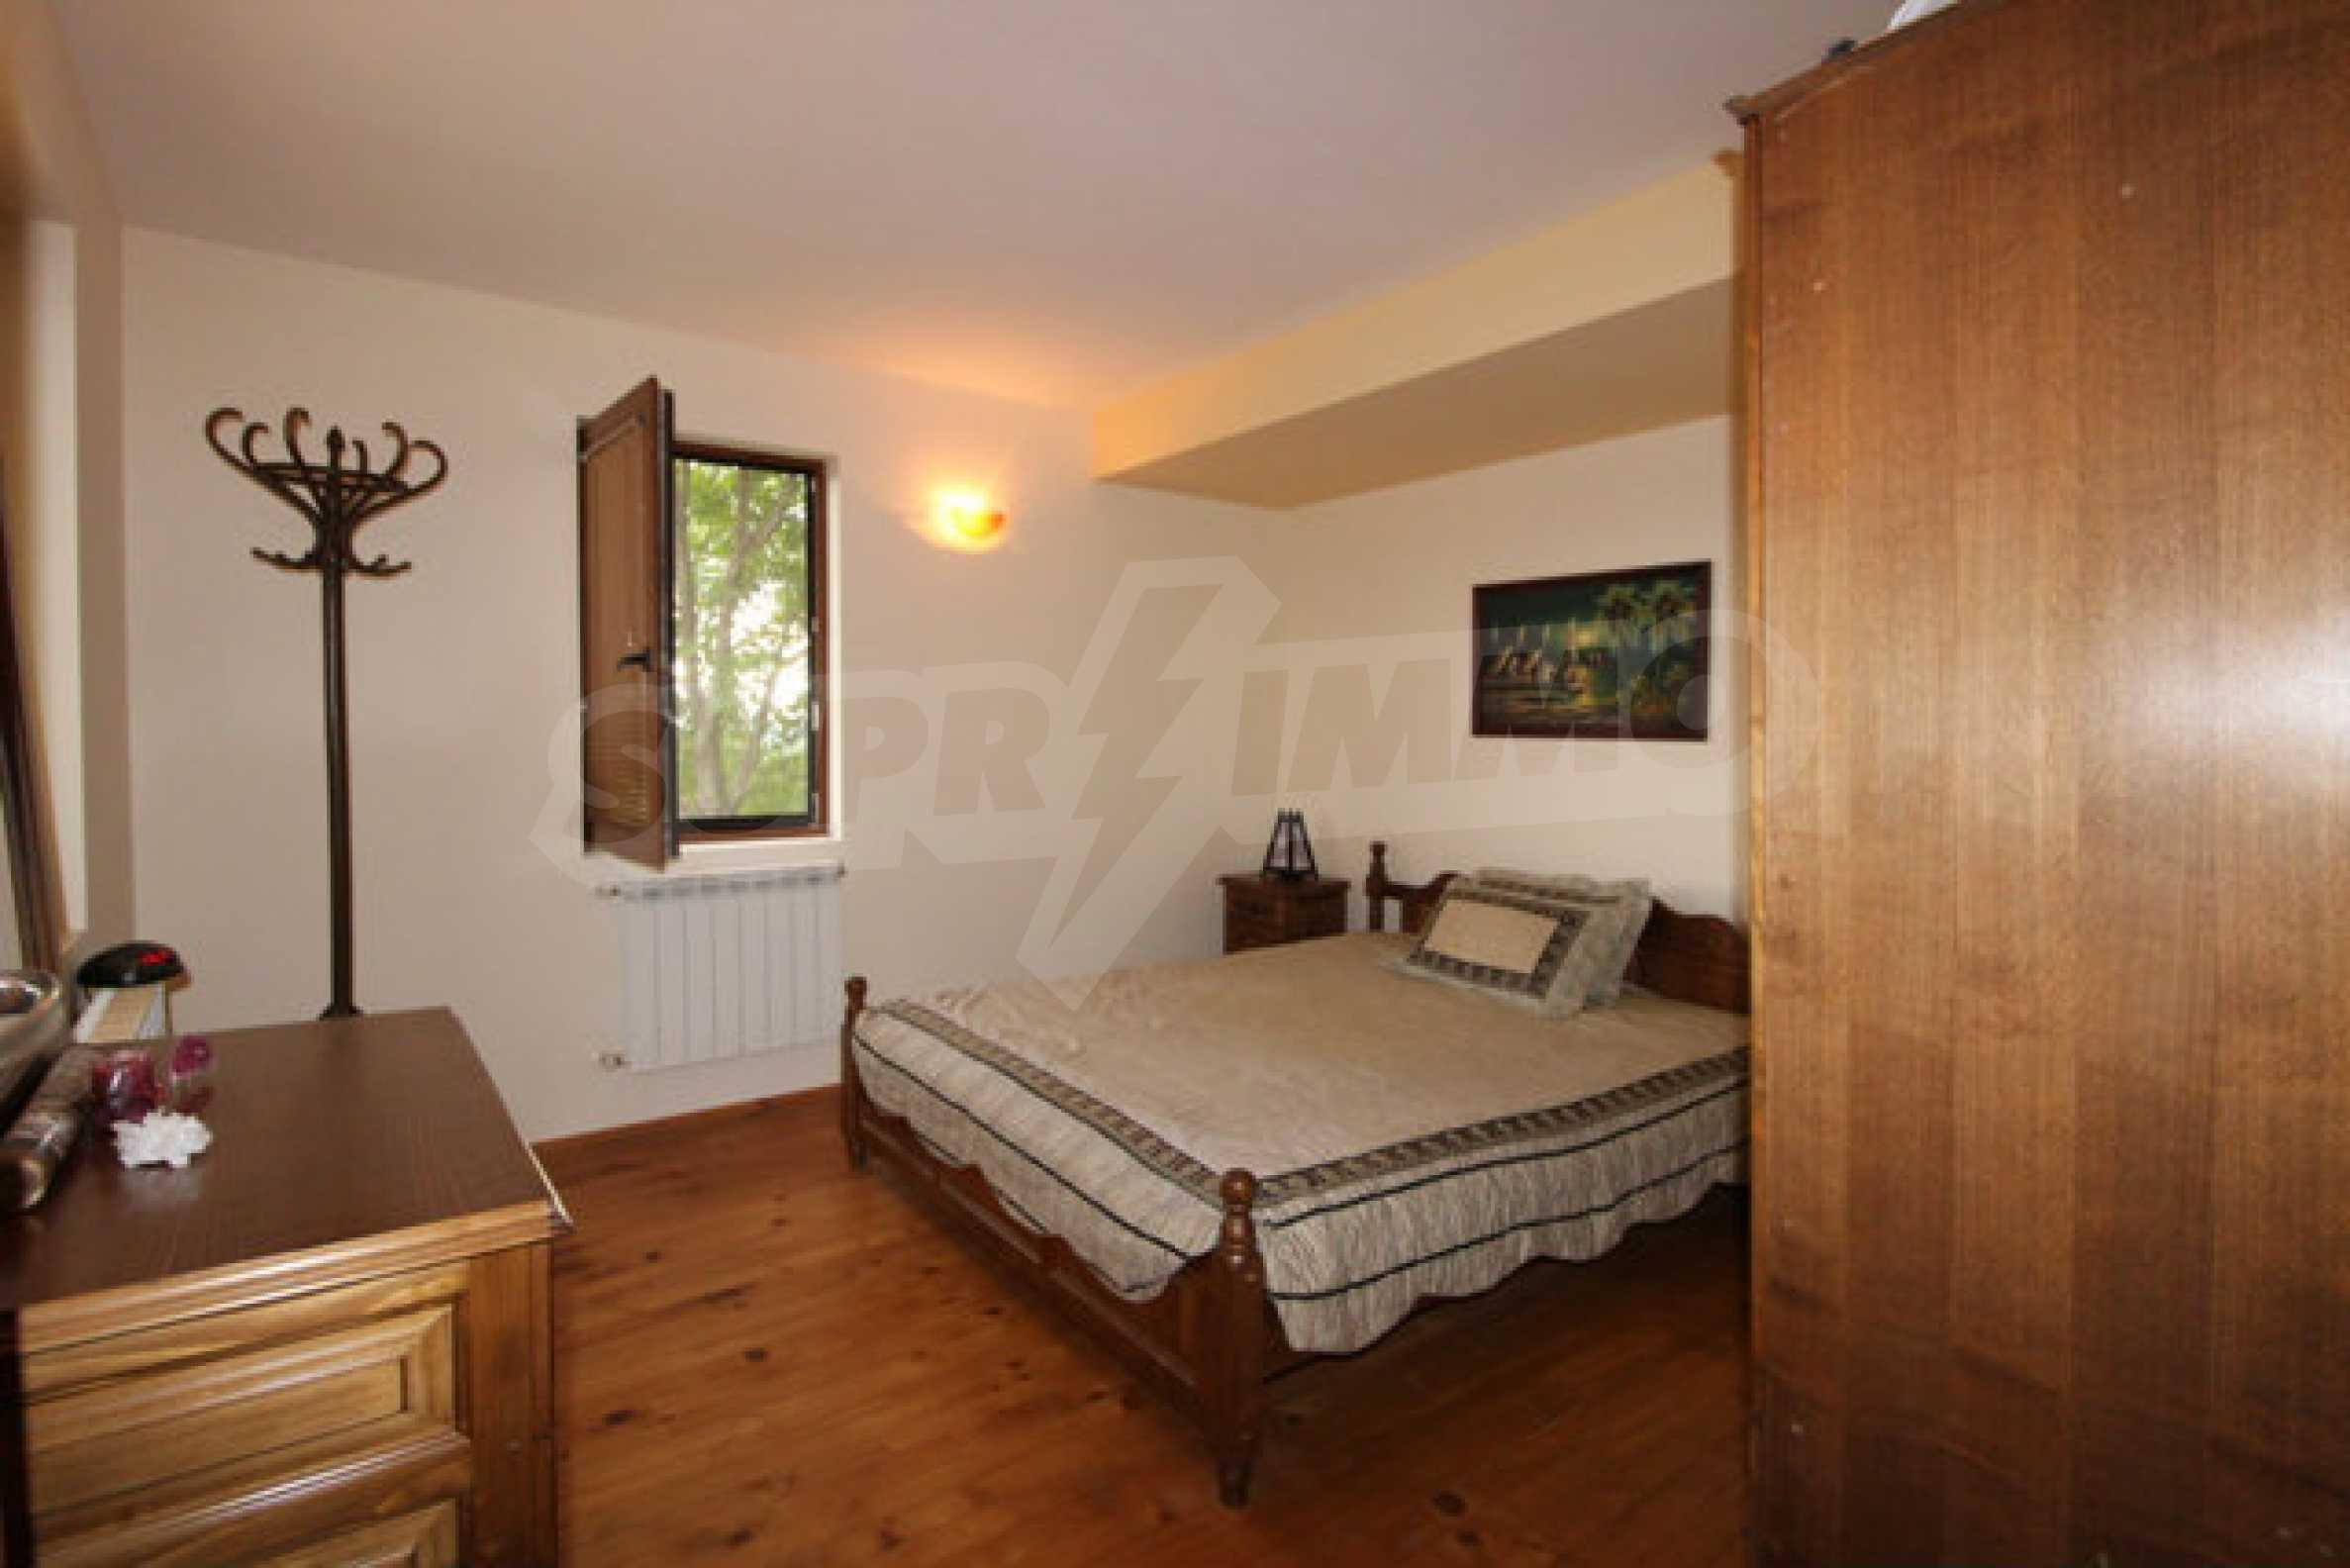 Реновирана двуетажна къща с двор само на 13 км от град Ловеч 19